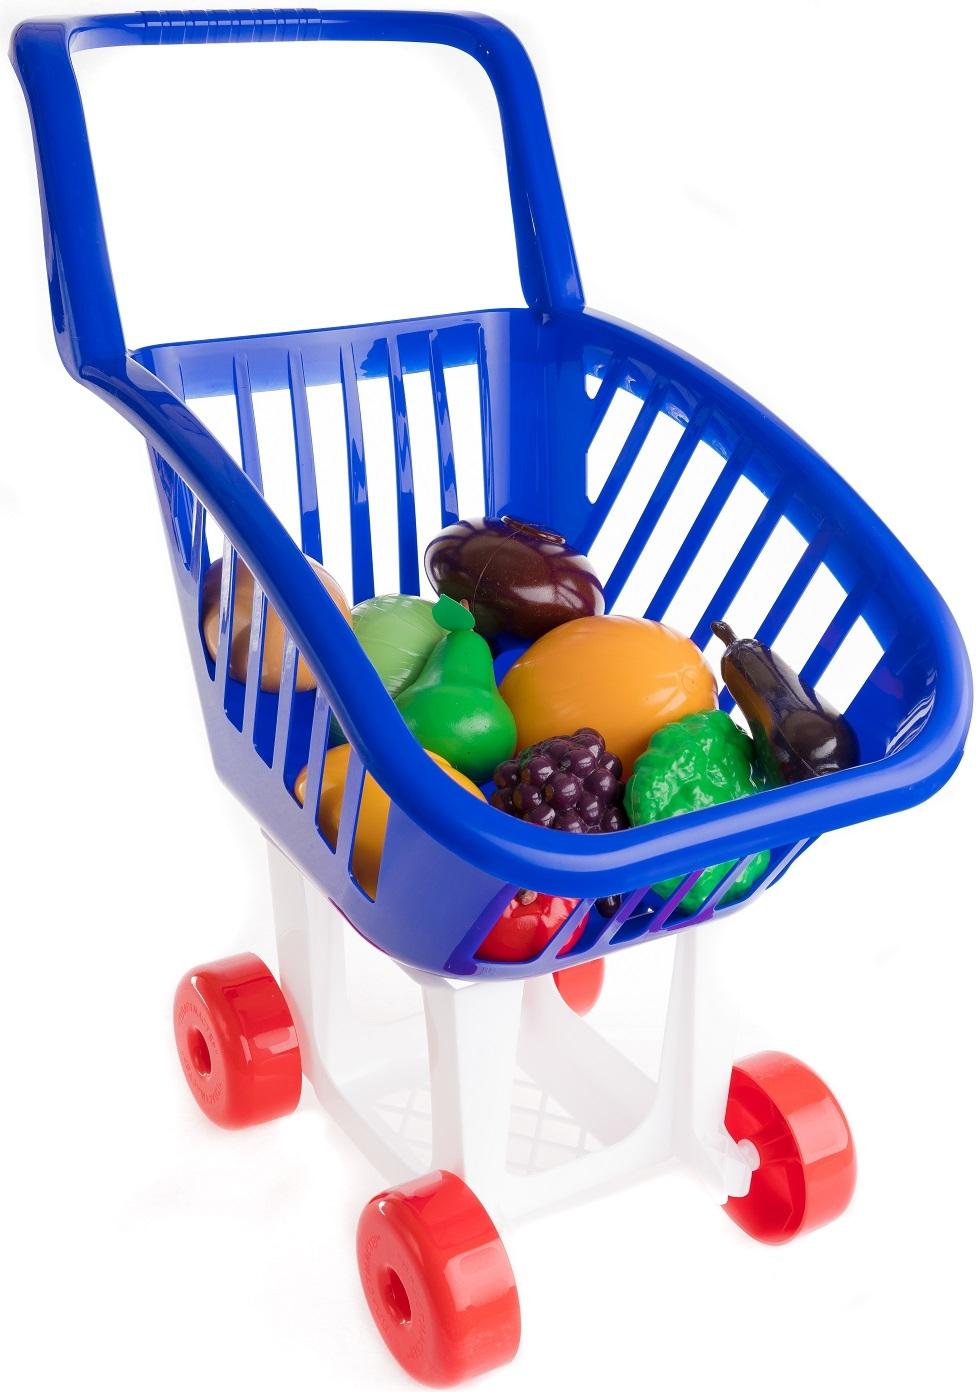 Купить Игровые наборы Профессия, «Мой Урожай» 11 предметов, Пластмастер, Россия